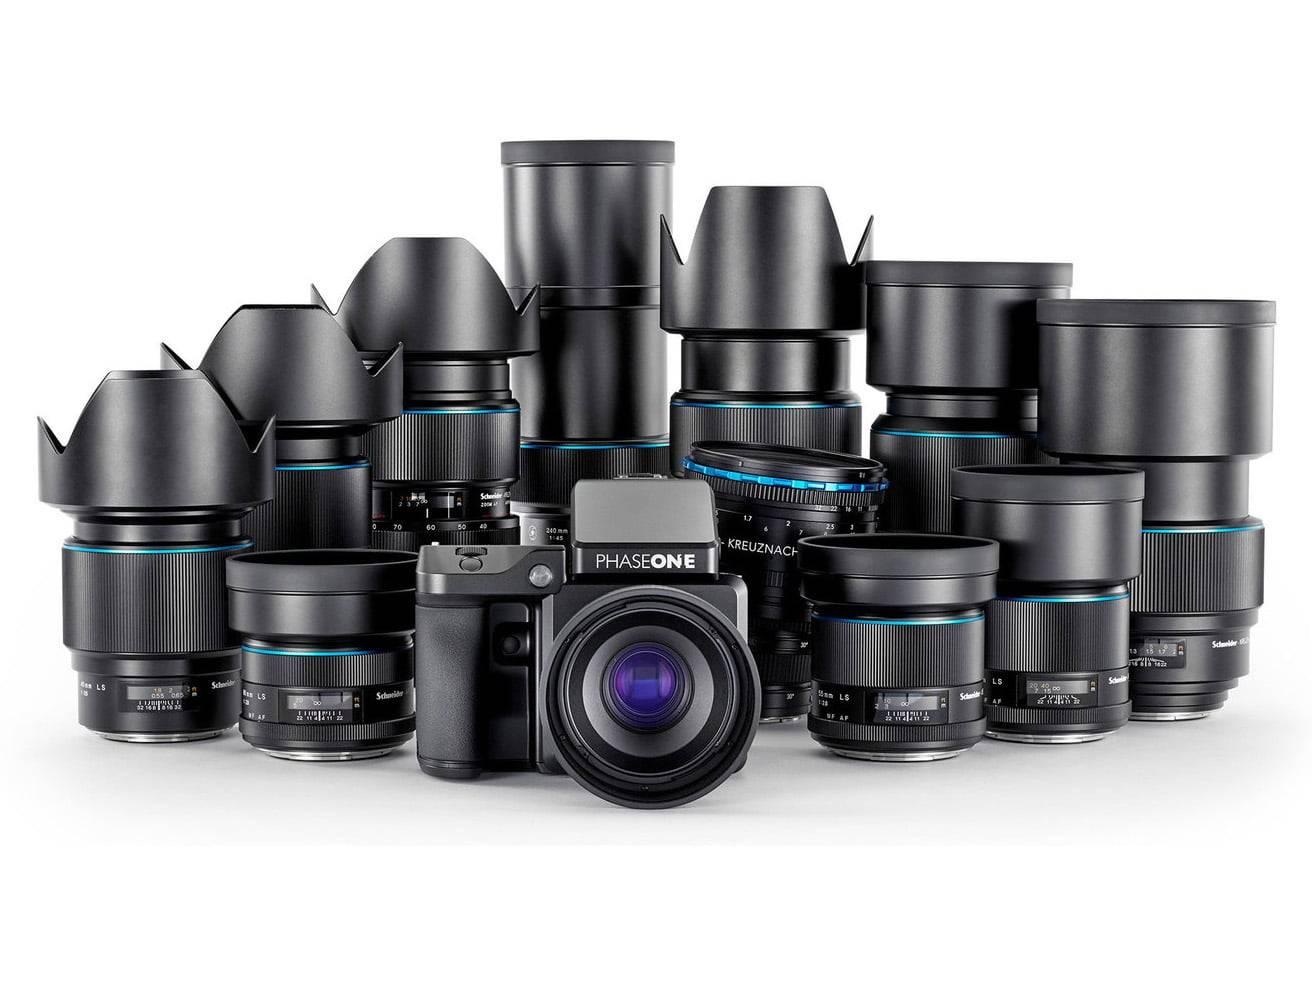 مشاوره تجهیز و راه اندازی استودیو عکاسی صنعتی و گرافیک